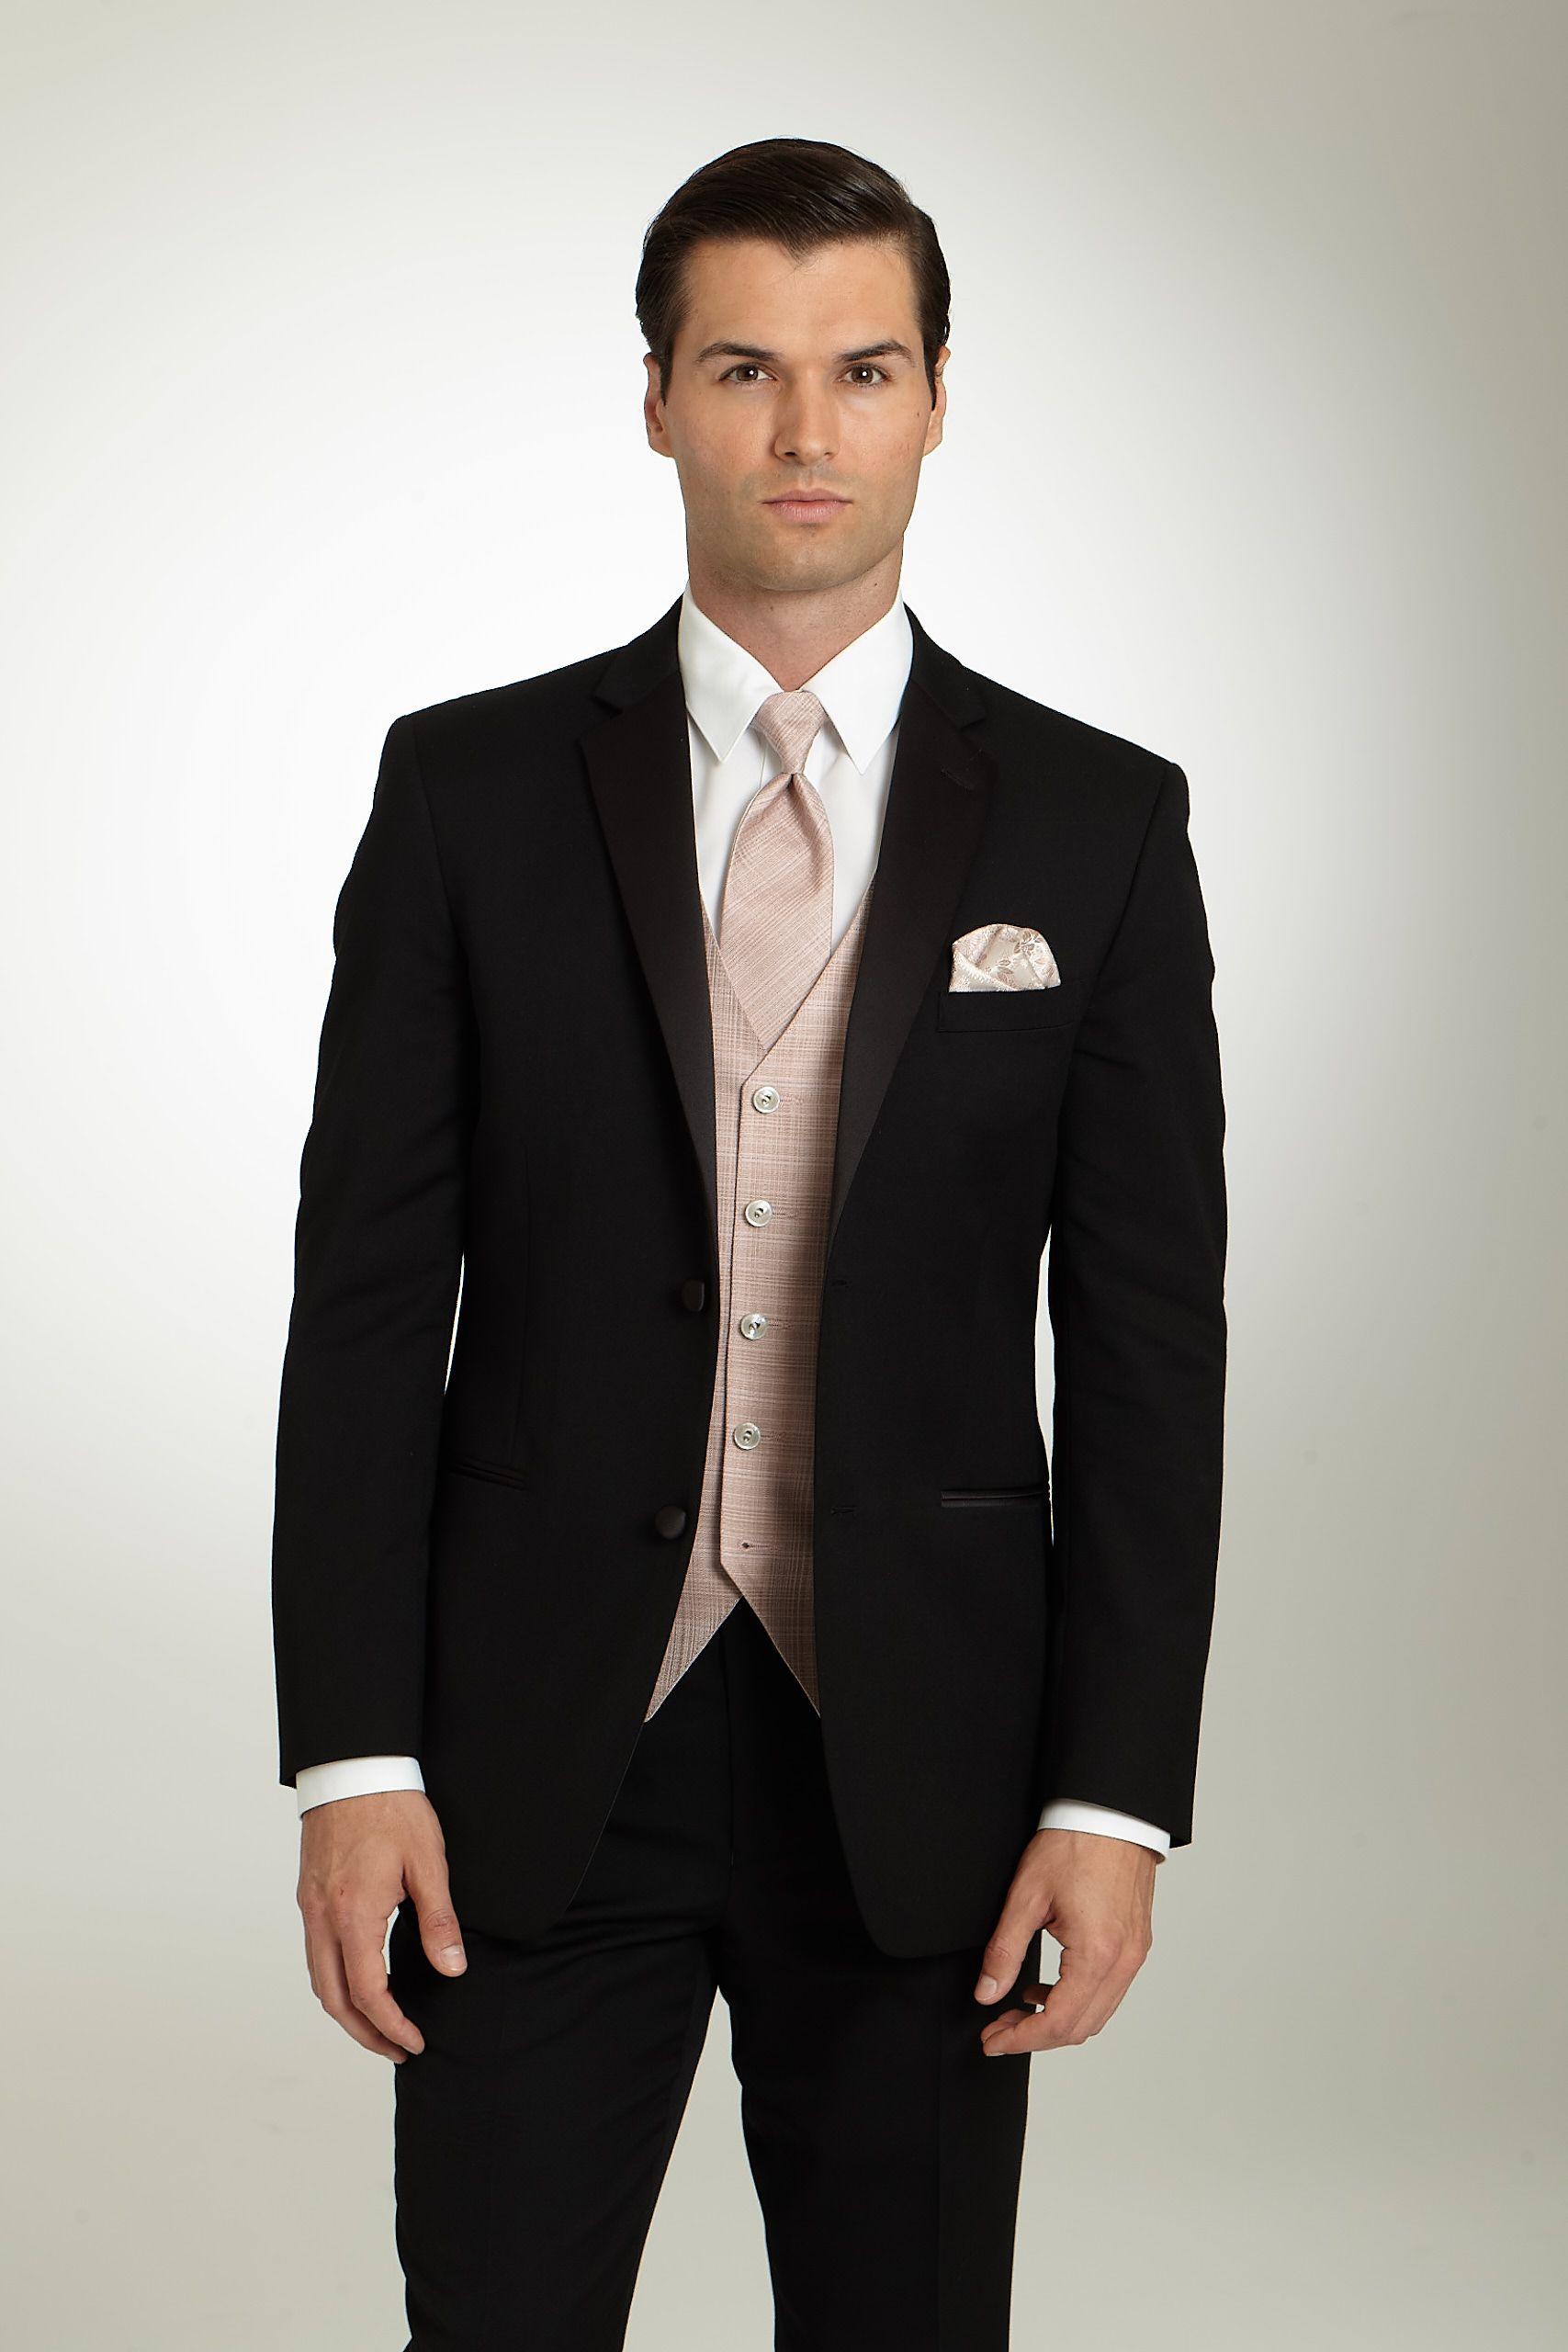 Men/'s Black Tuxedo Jacket Optional Pants Satin Shawl Lapels Wedding Prom Mason